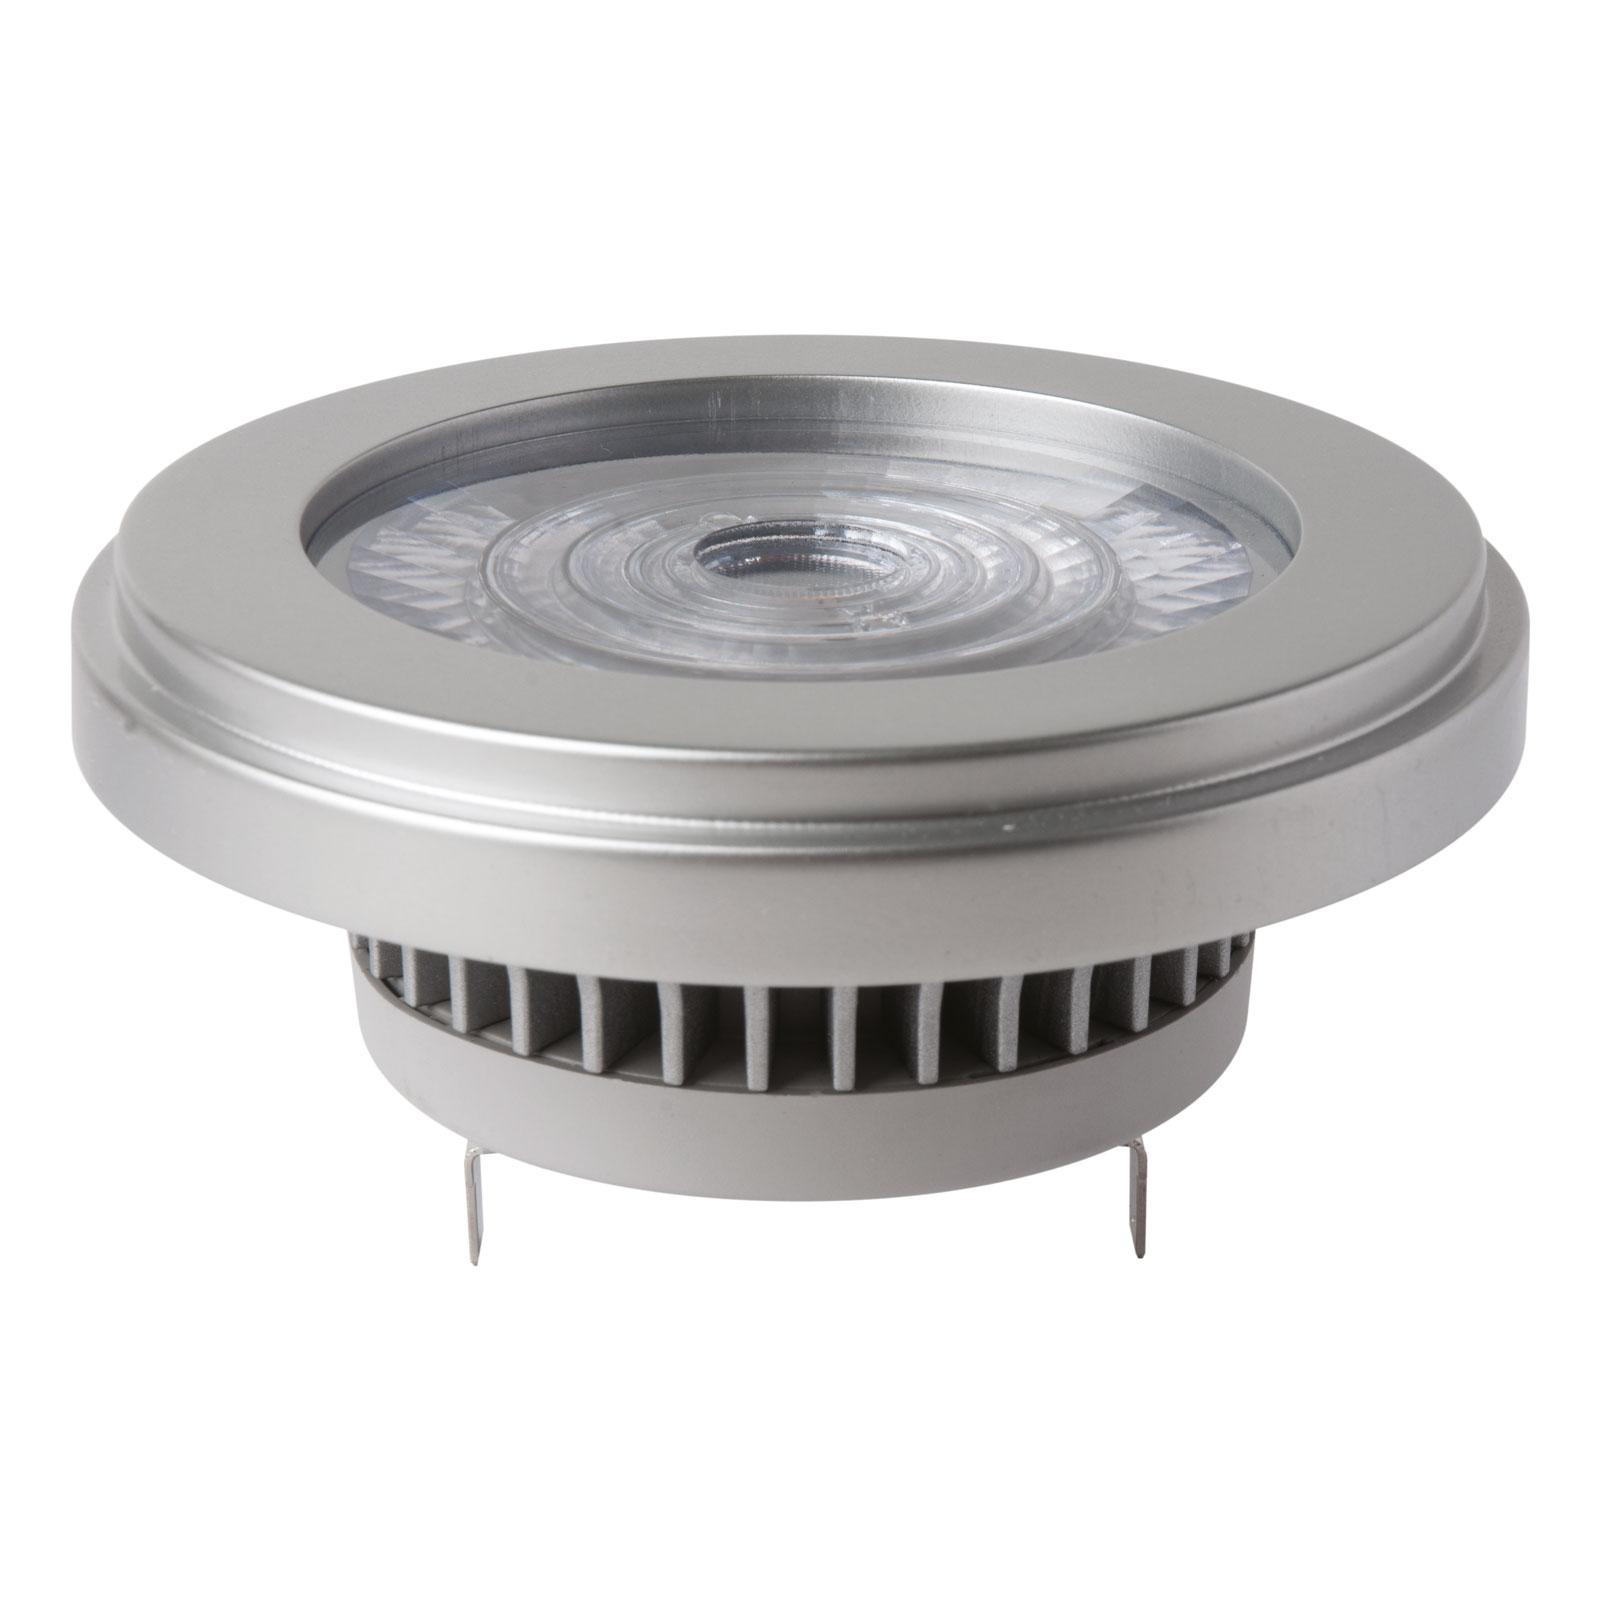 LED-pære G53 12 W Dual Beam varmhvit